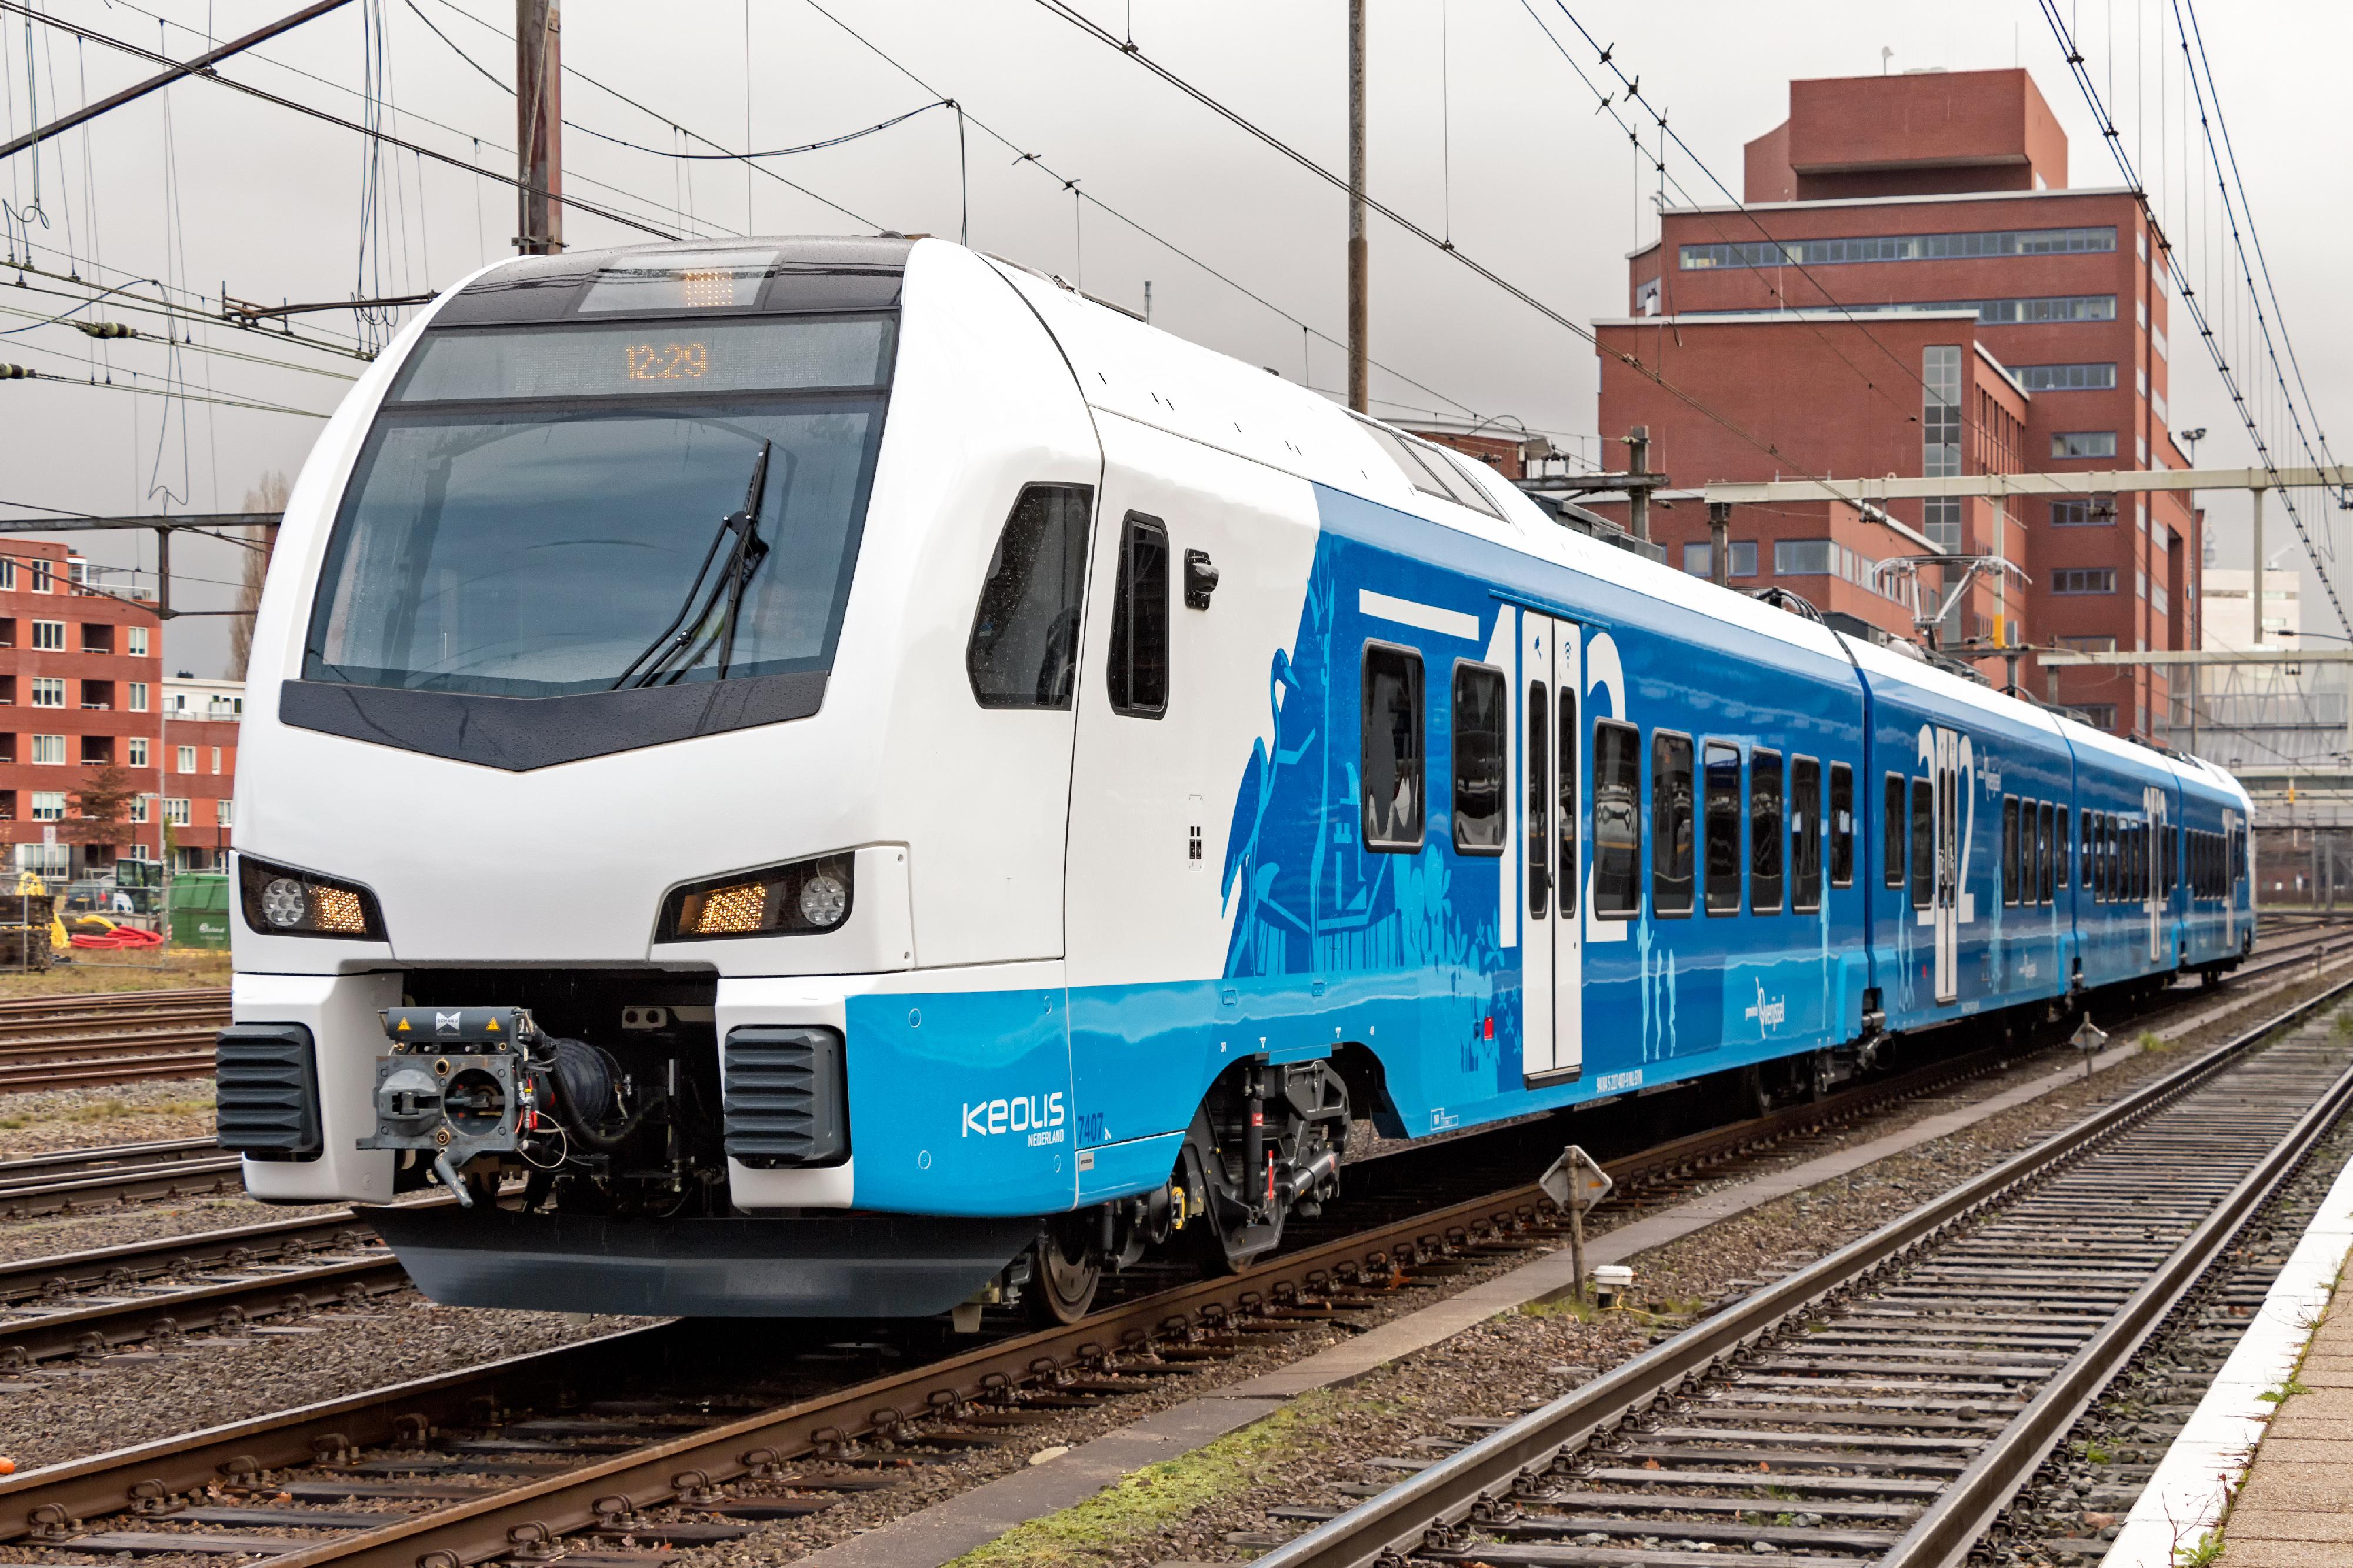 trein flört)